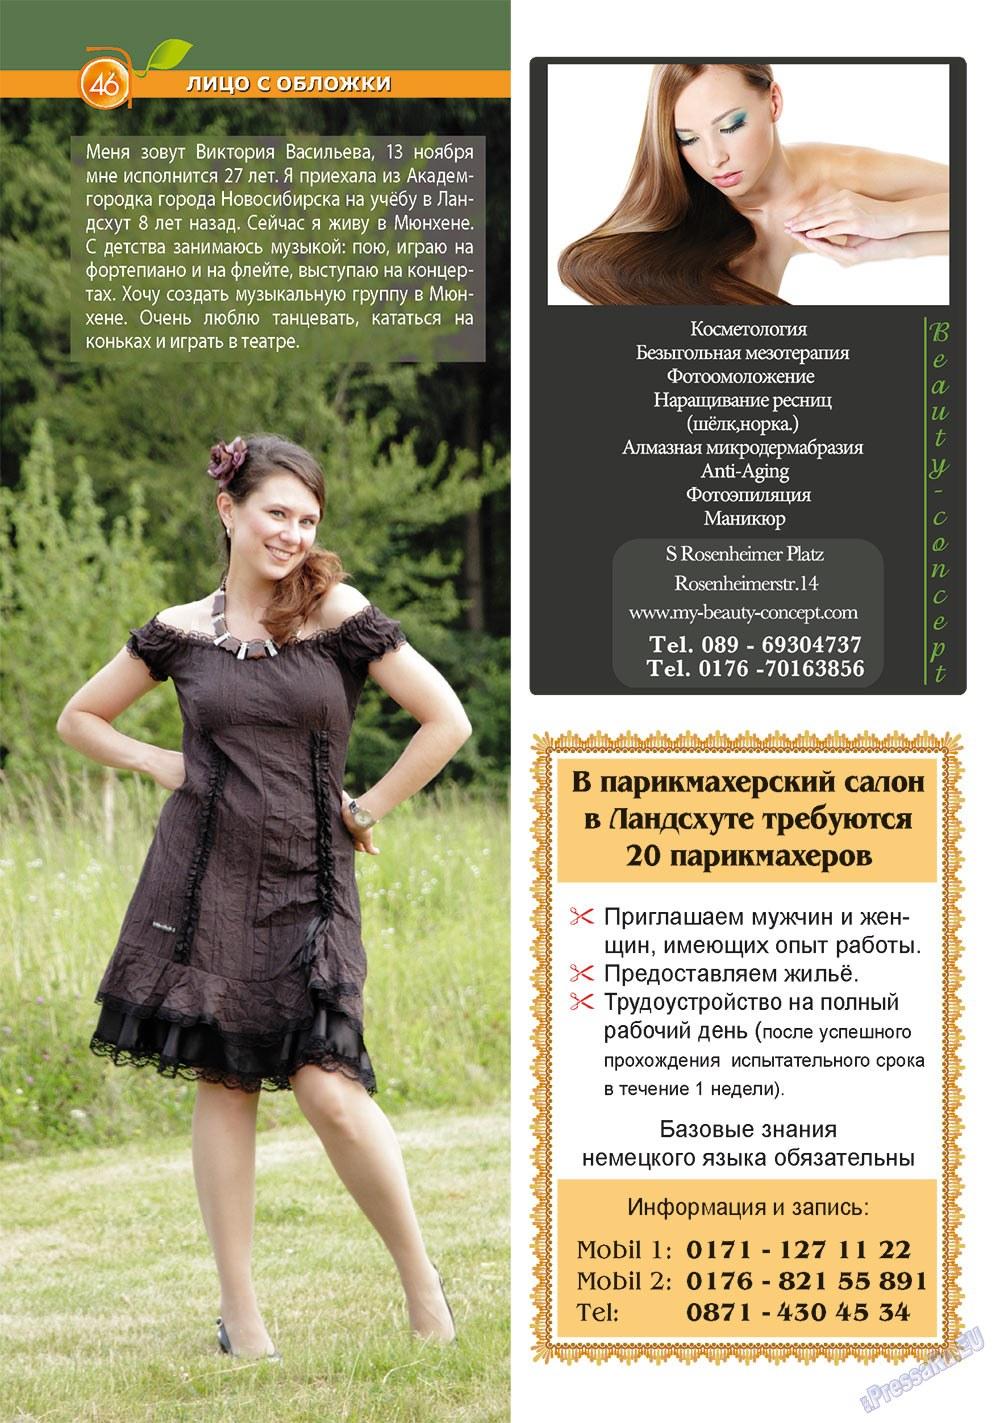 Апельсин (журнал). 2011 год, номер 28, стр. 46